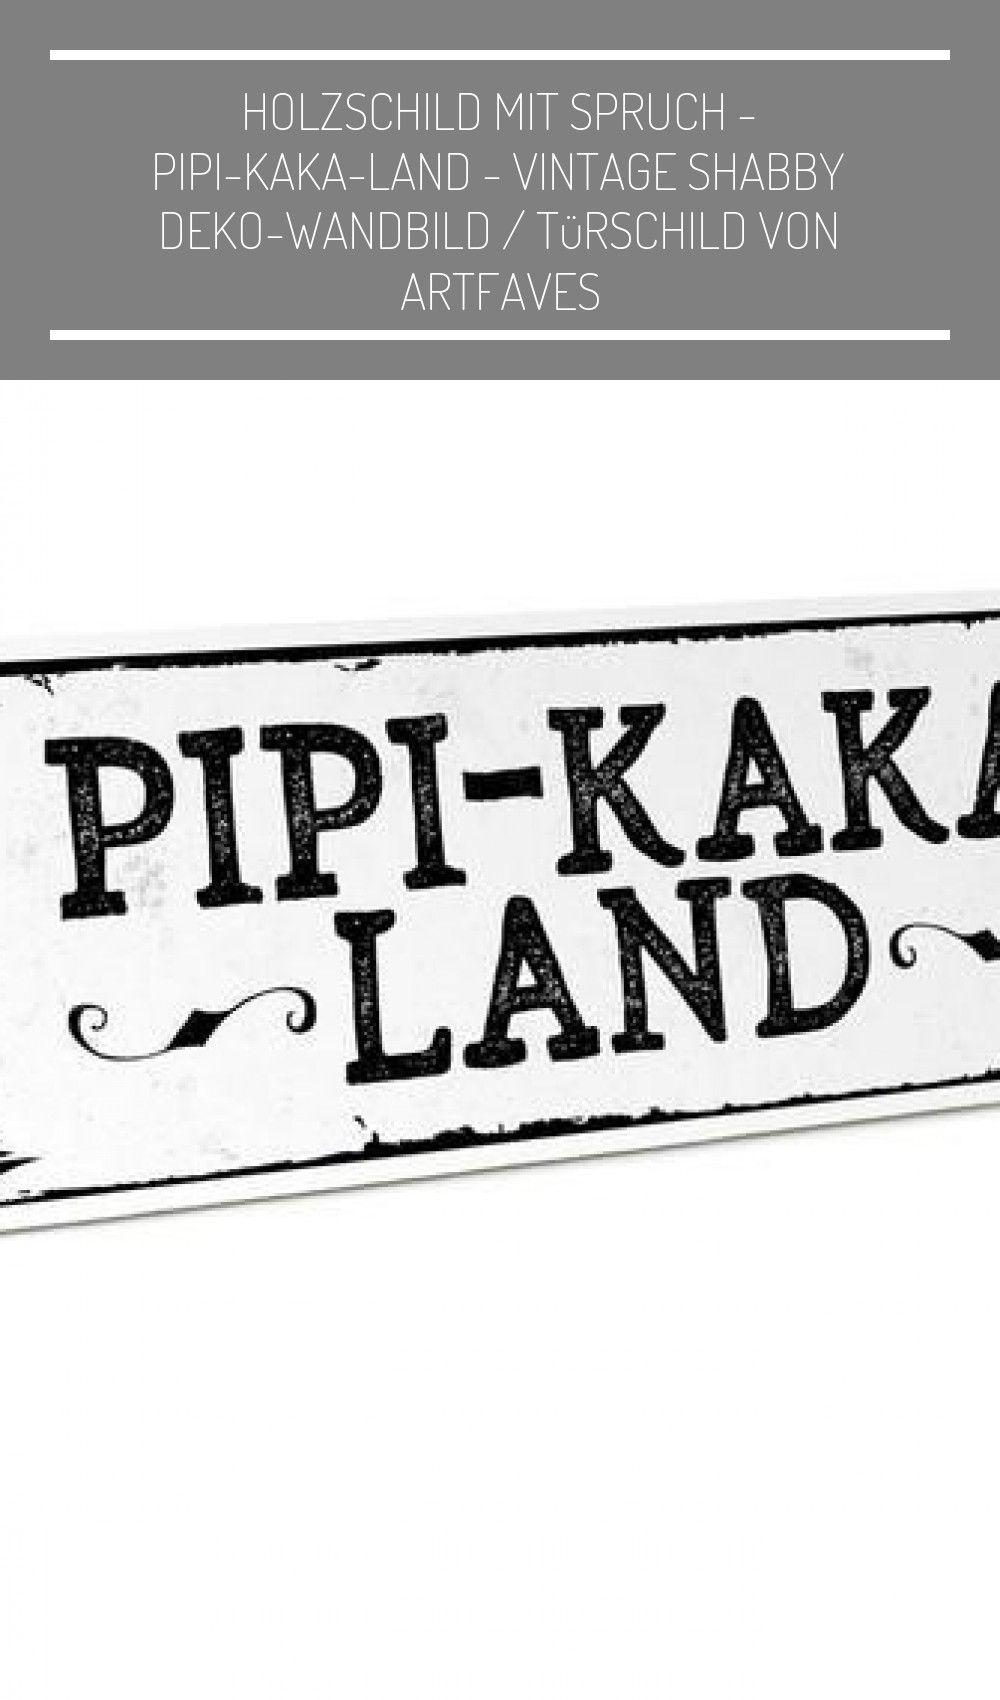 Holzschild Mit Spruch Pipi Kaka Land Im Shabby Chic Vintage Stil Fur Bad Wc Toilette Auch Als Turschild Keramik Ideen Mu